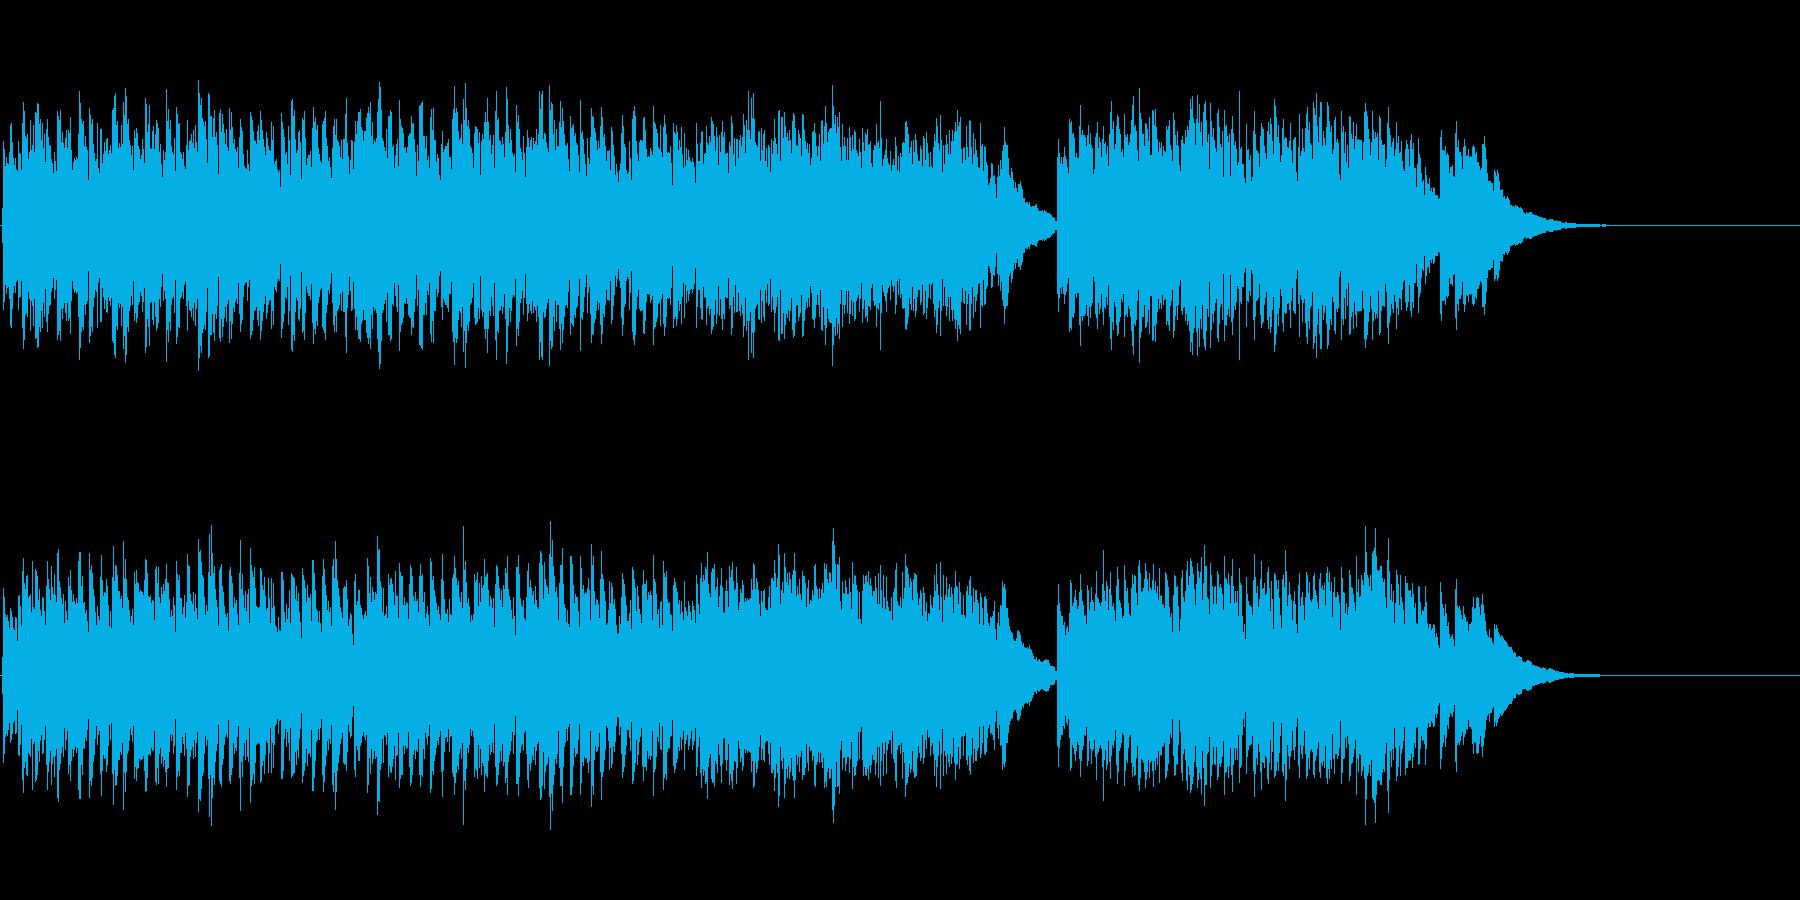 クラシック・ギター独奏マイナー楽曲の再生済みの波形